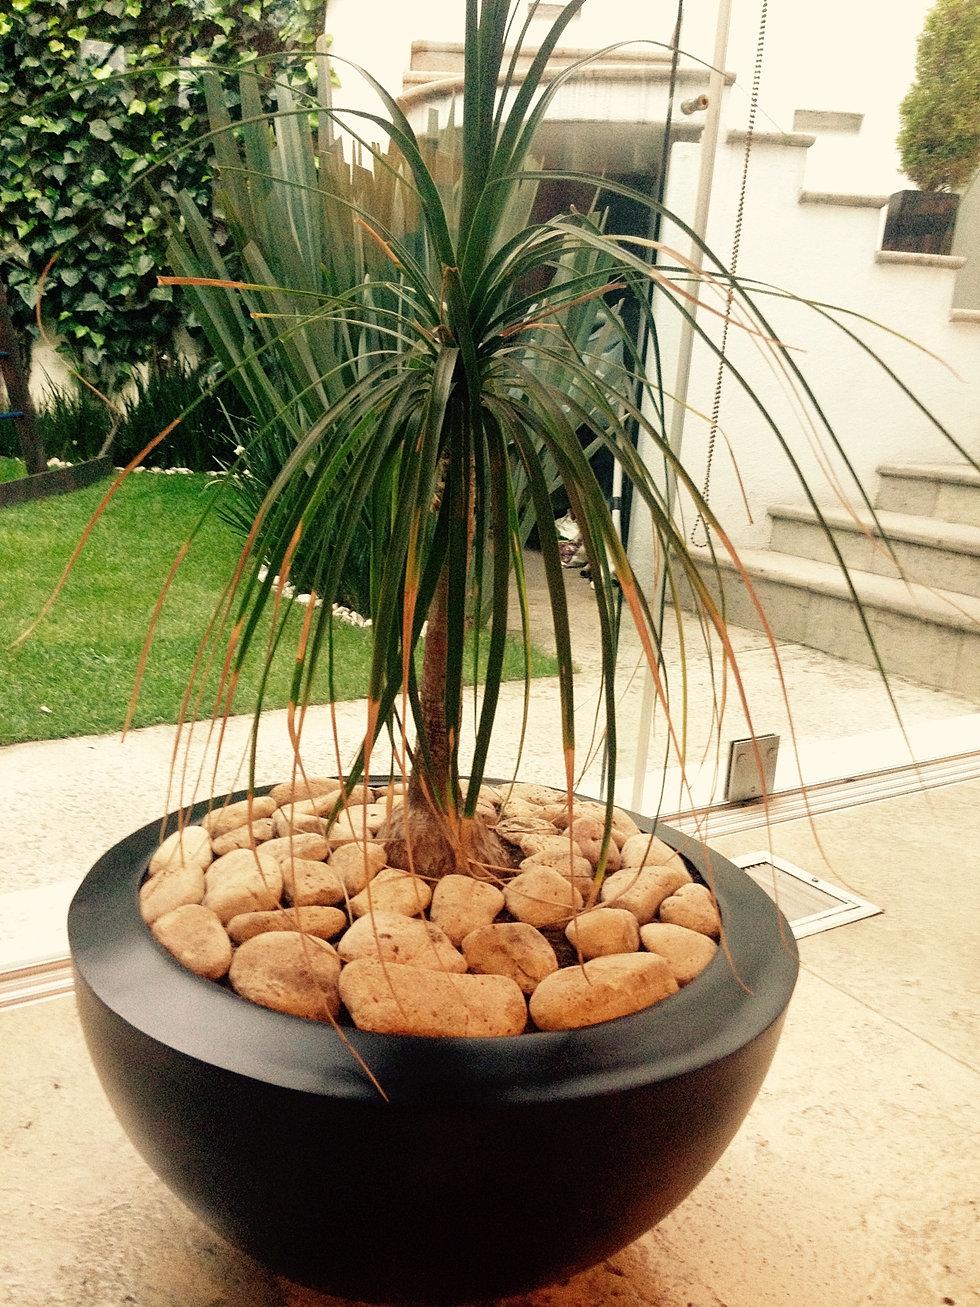 Decoracion con macetas i macetas baratas i macetas online for Adornos para macetas